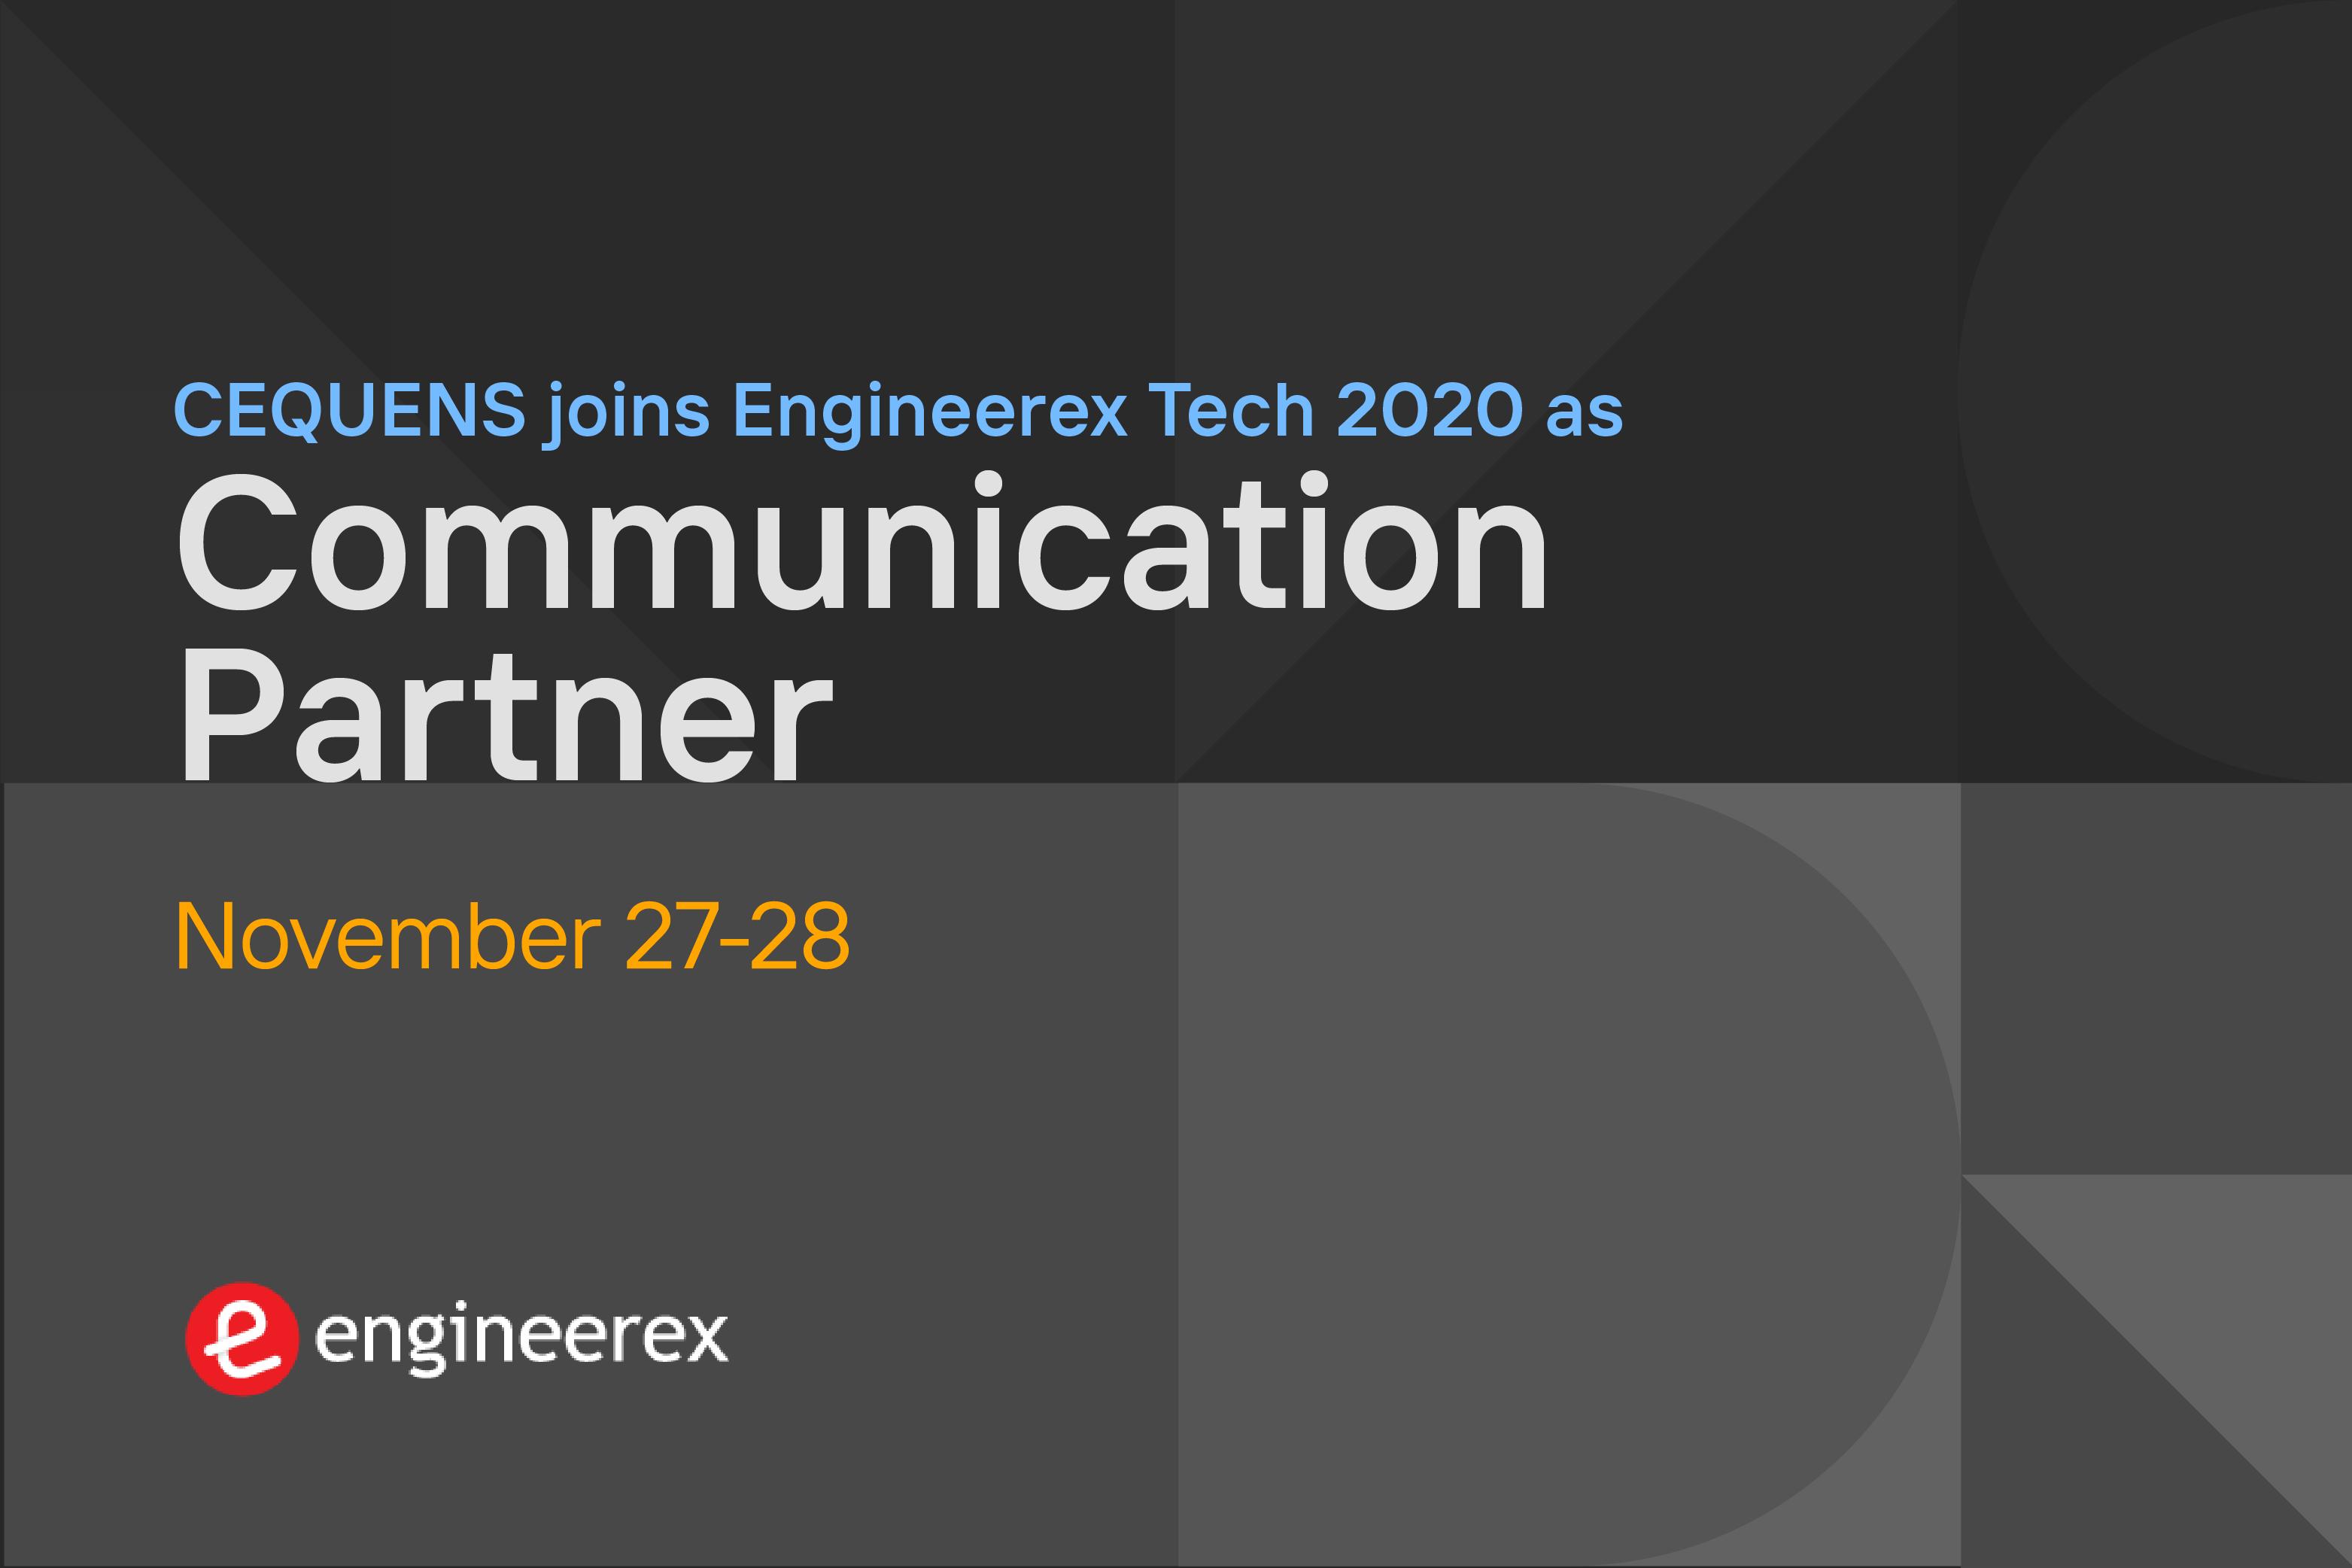 CEQUENS joins Engineerex Tech